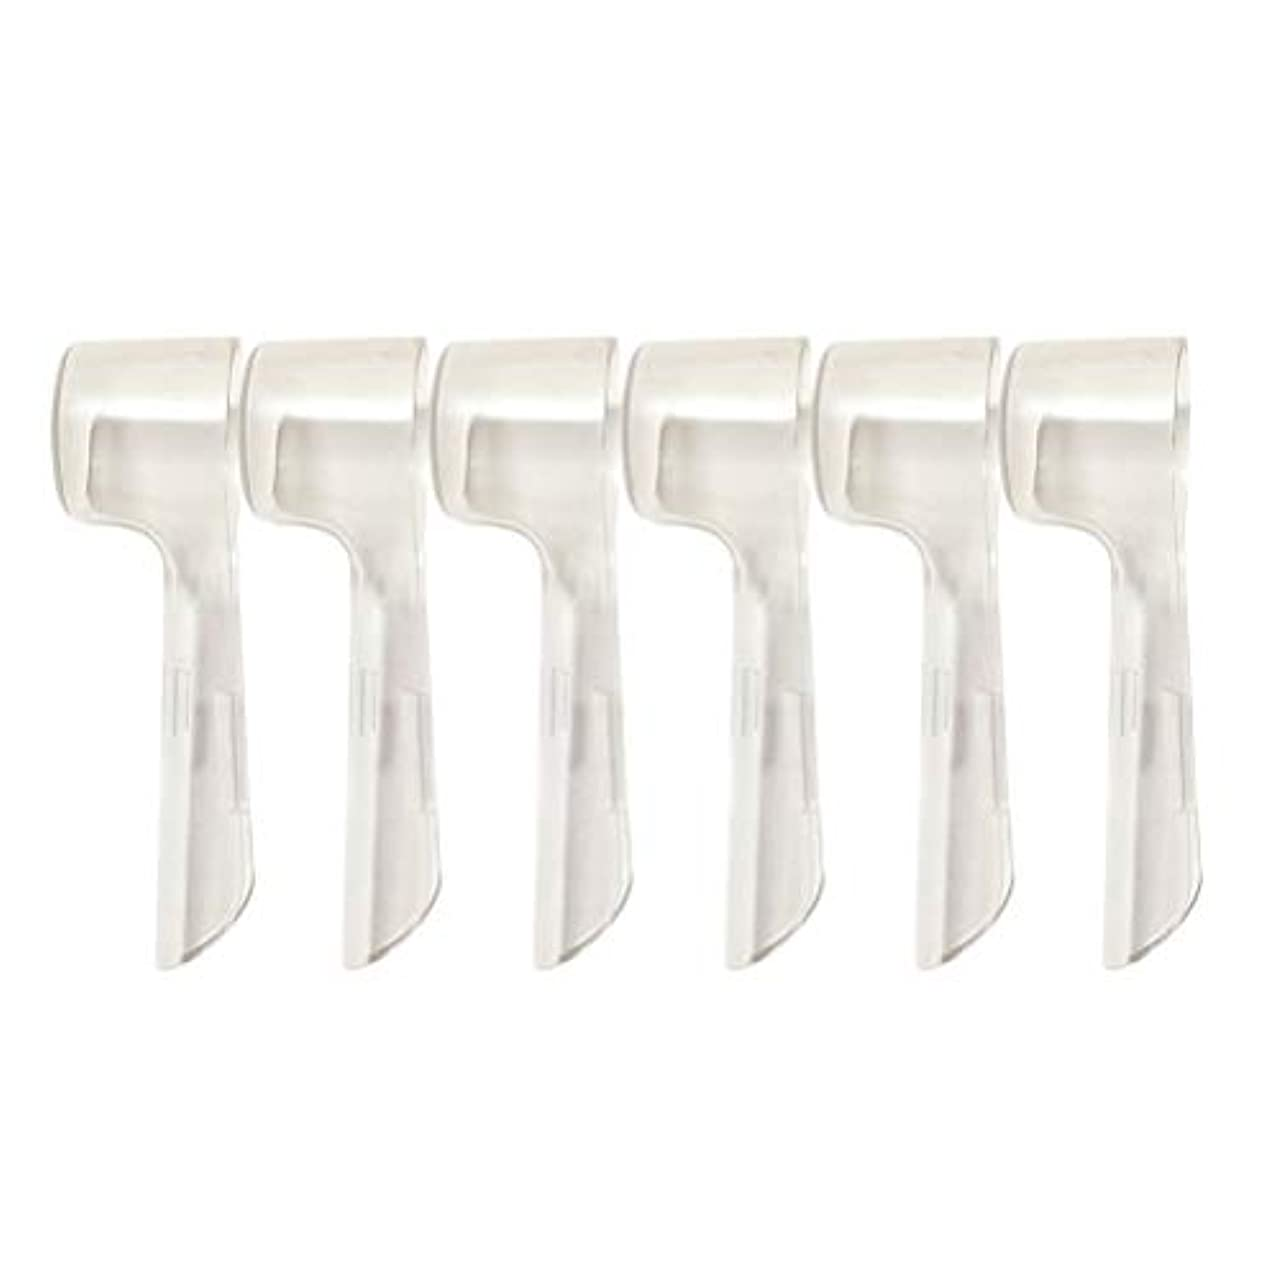 シャーロックホームズペチコート咳Healifty 電動歯ブラシヘッド 保護カバー 旅行 キャップ 日常の使用で細菌をほこりから守る 10ピース